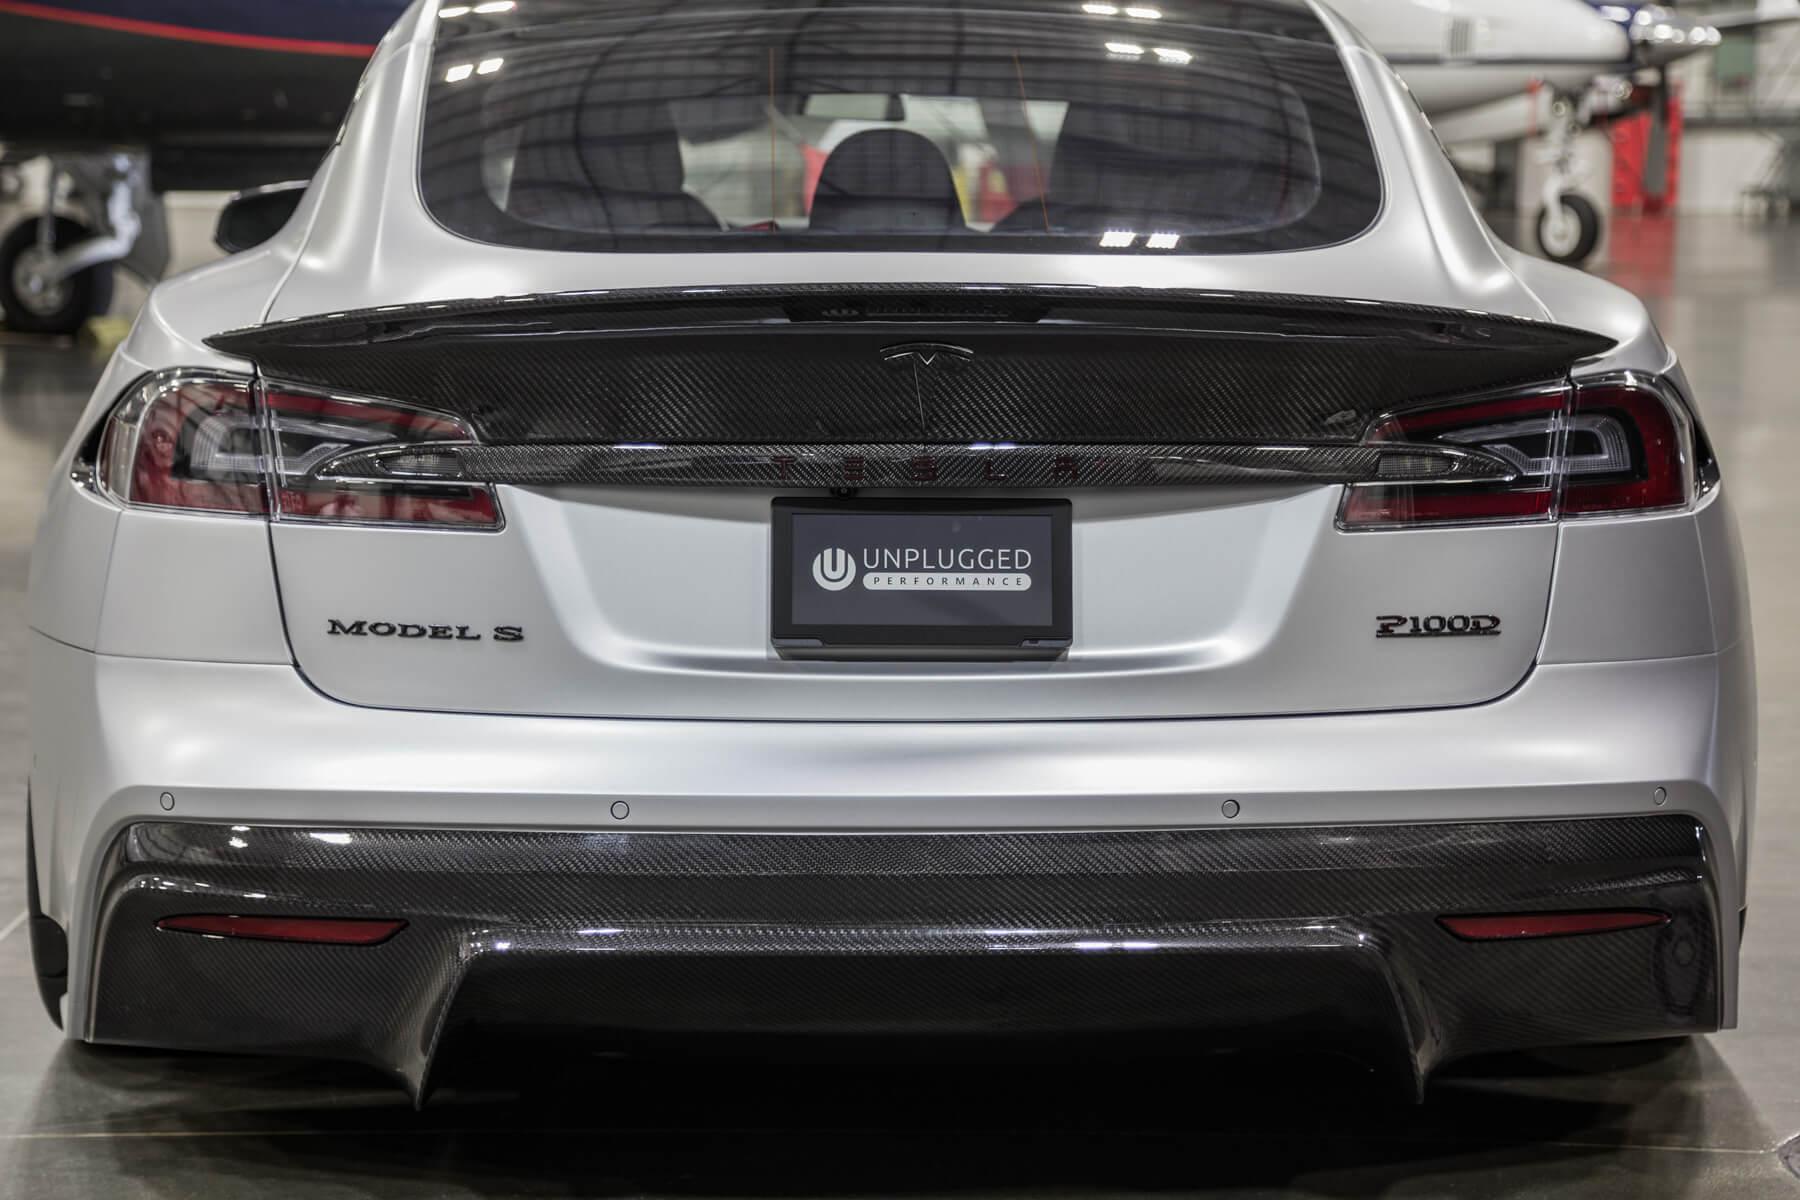 Carbon Fiber Long Tail Trunk Spoiler for Tesla Model S